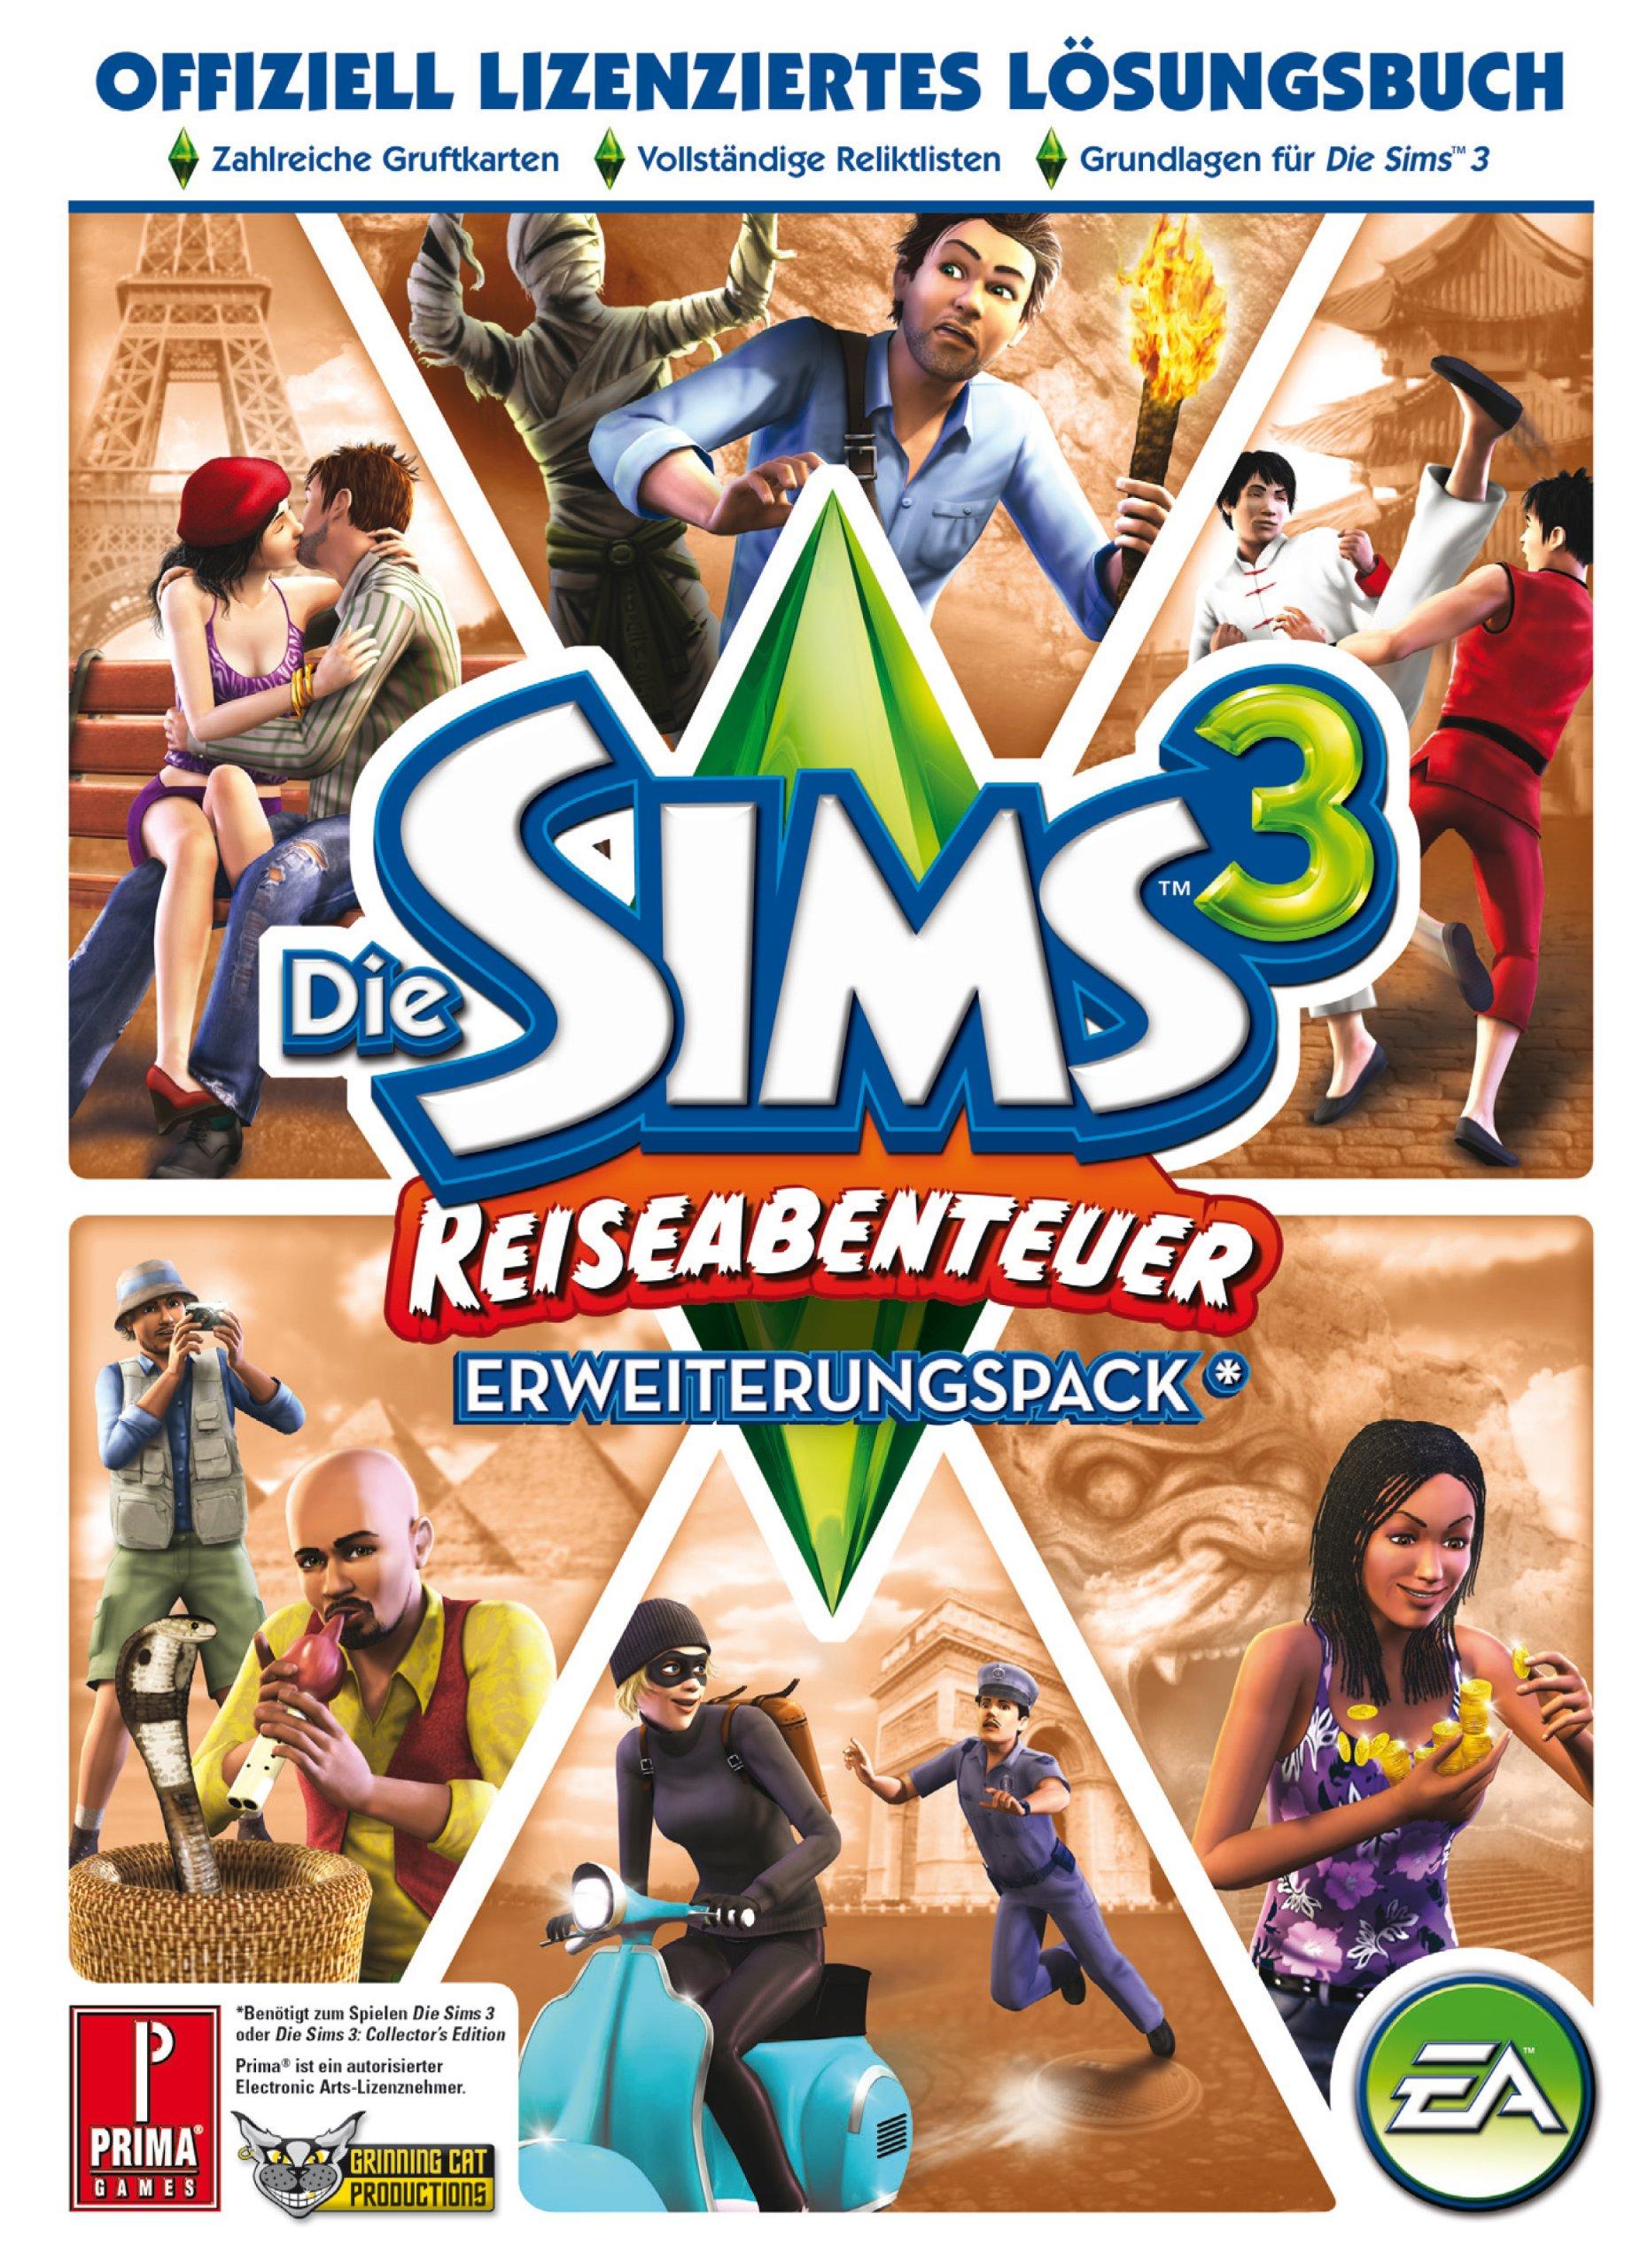 Die Sims 3 Reiseabenteuer Lösungsbuch